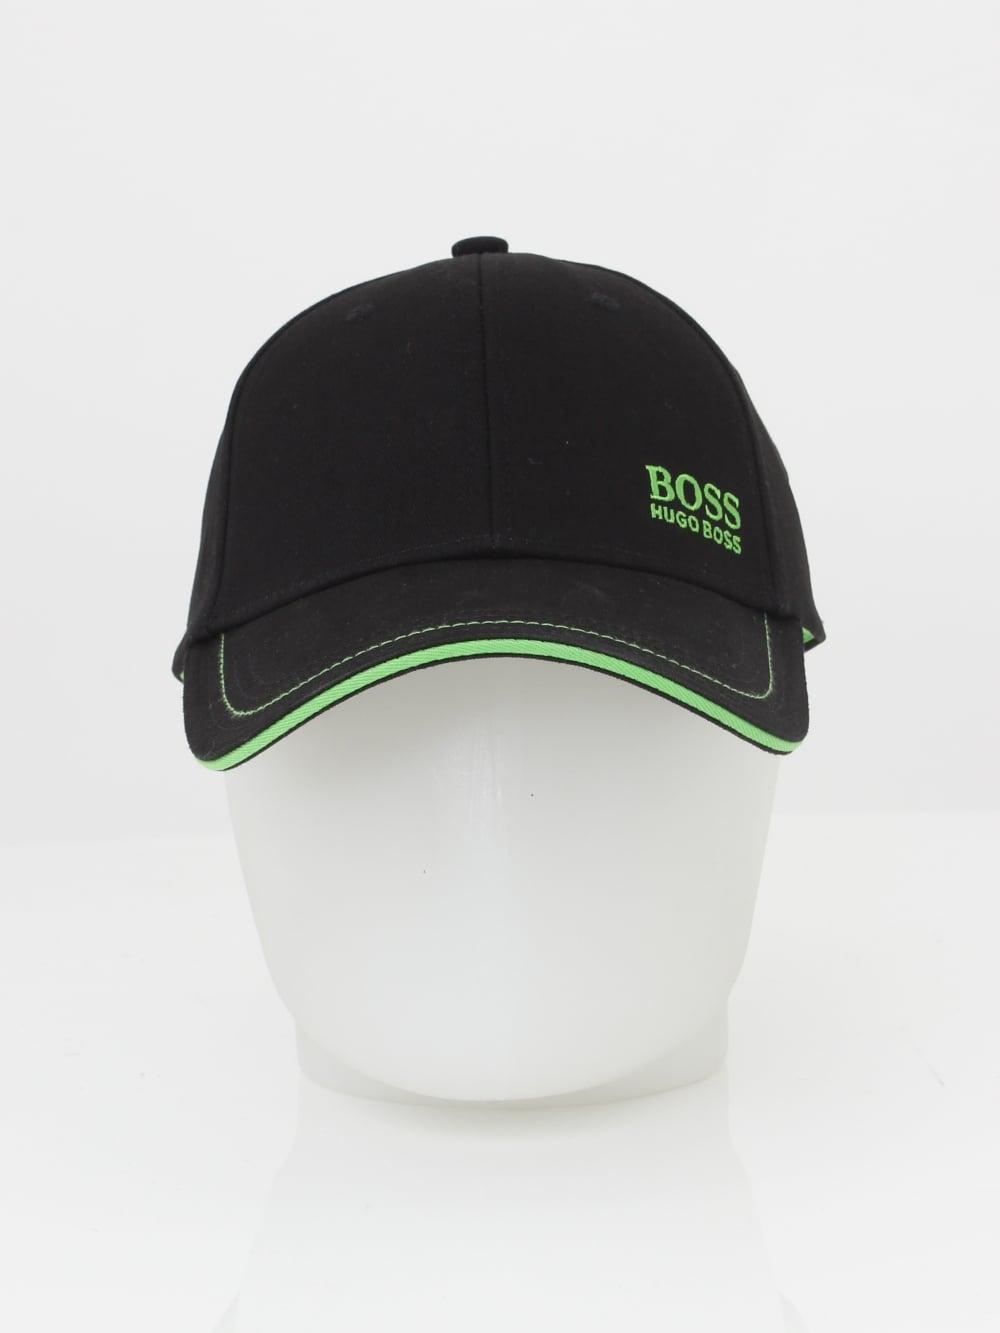 HUGO BOSS - Boss Green Logo Cap 1 in Black - Northern Threads 6a5154e8d8e